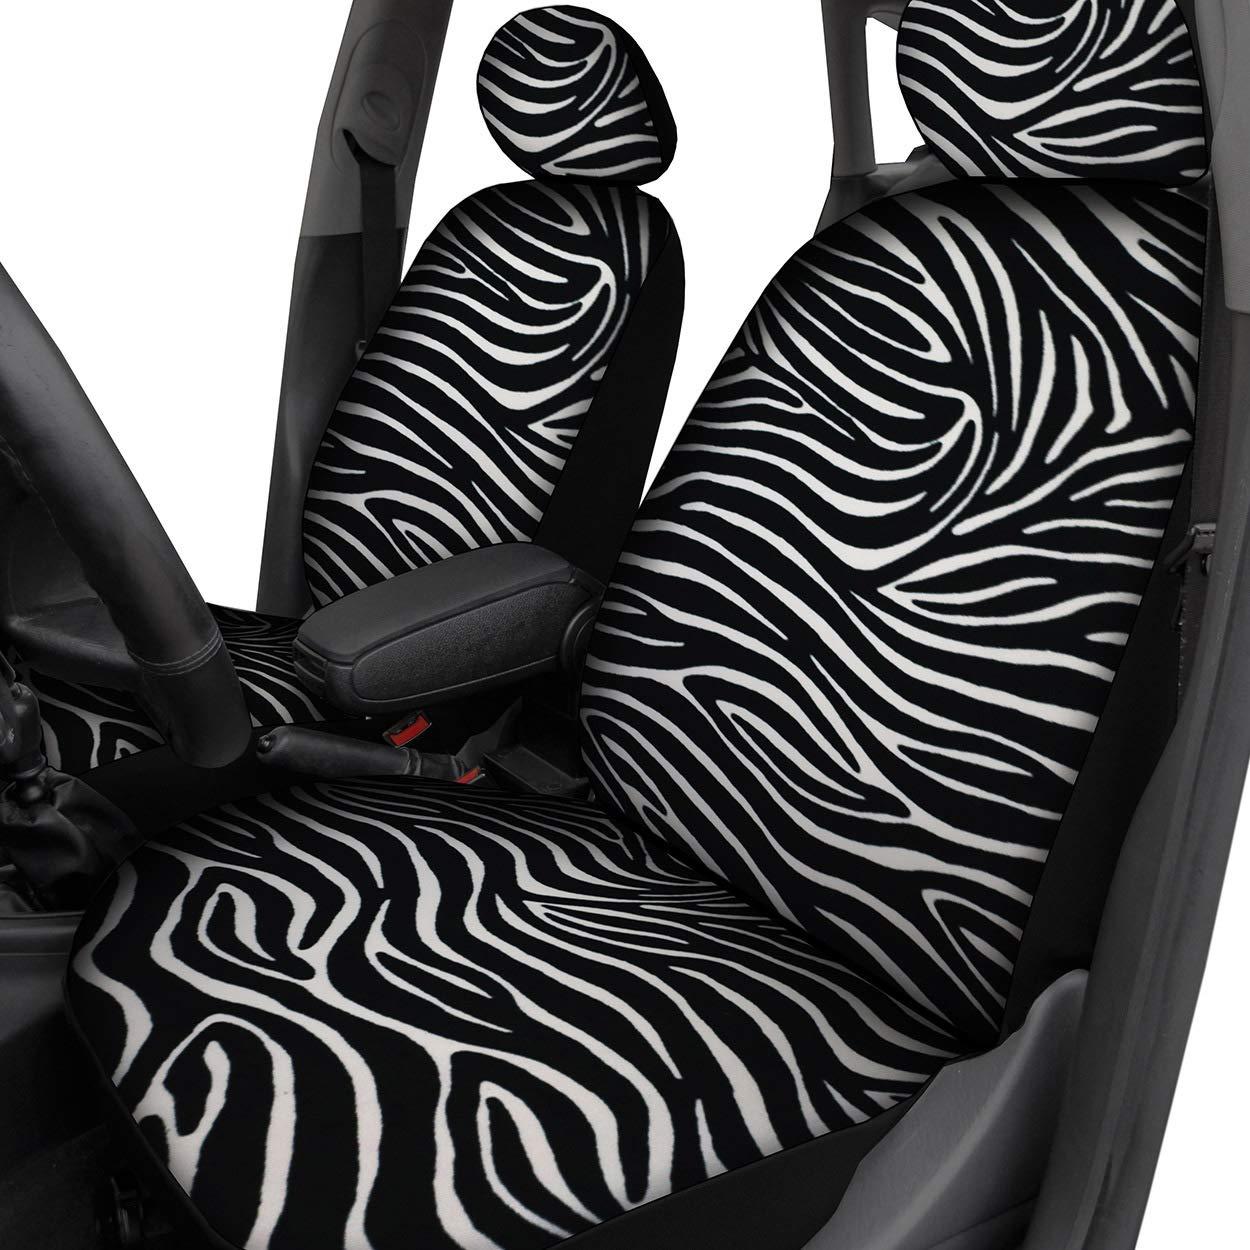 Saferide Set Completo di coprisedili universali per Auto Motivo zebrato